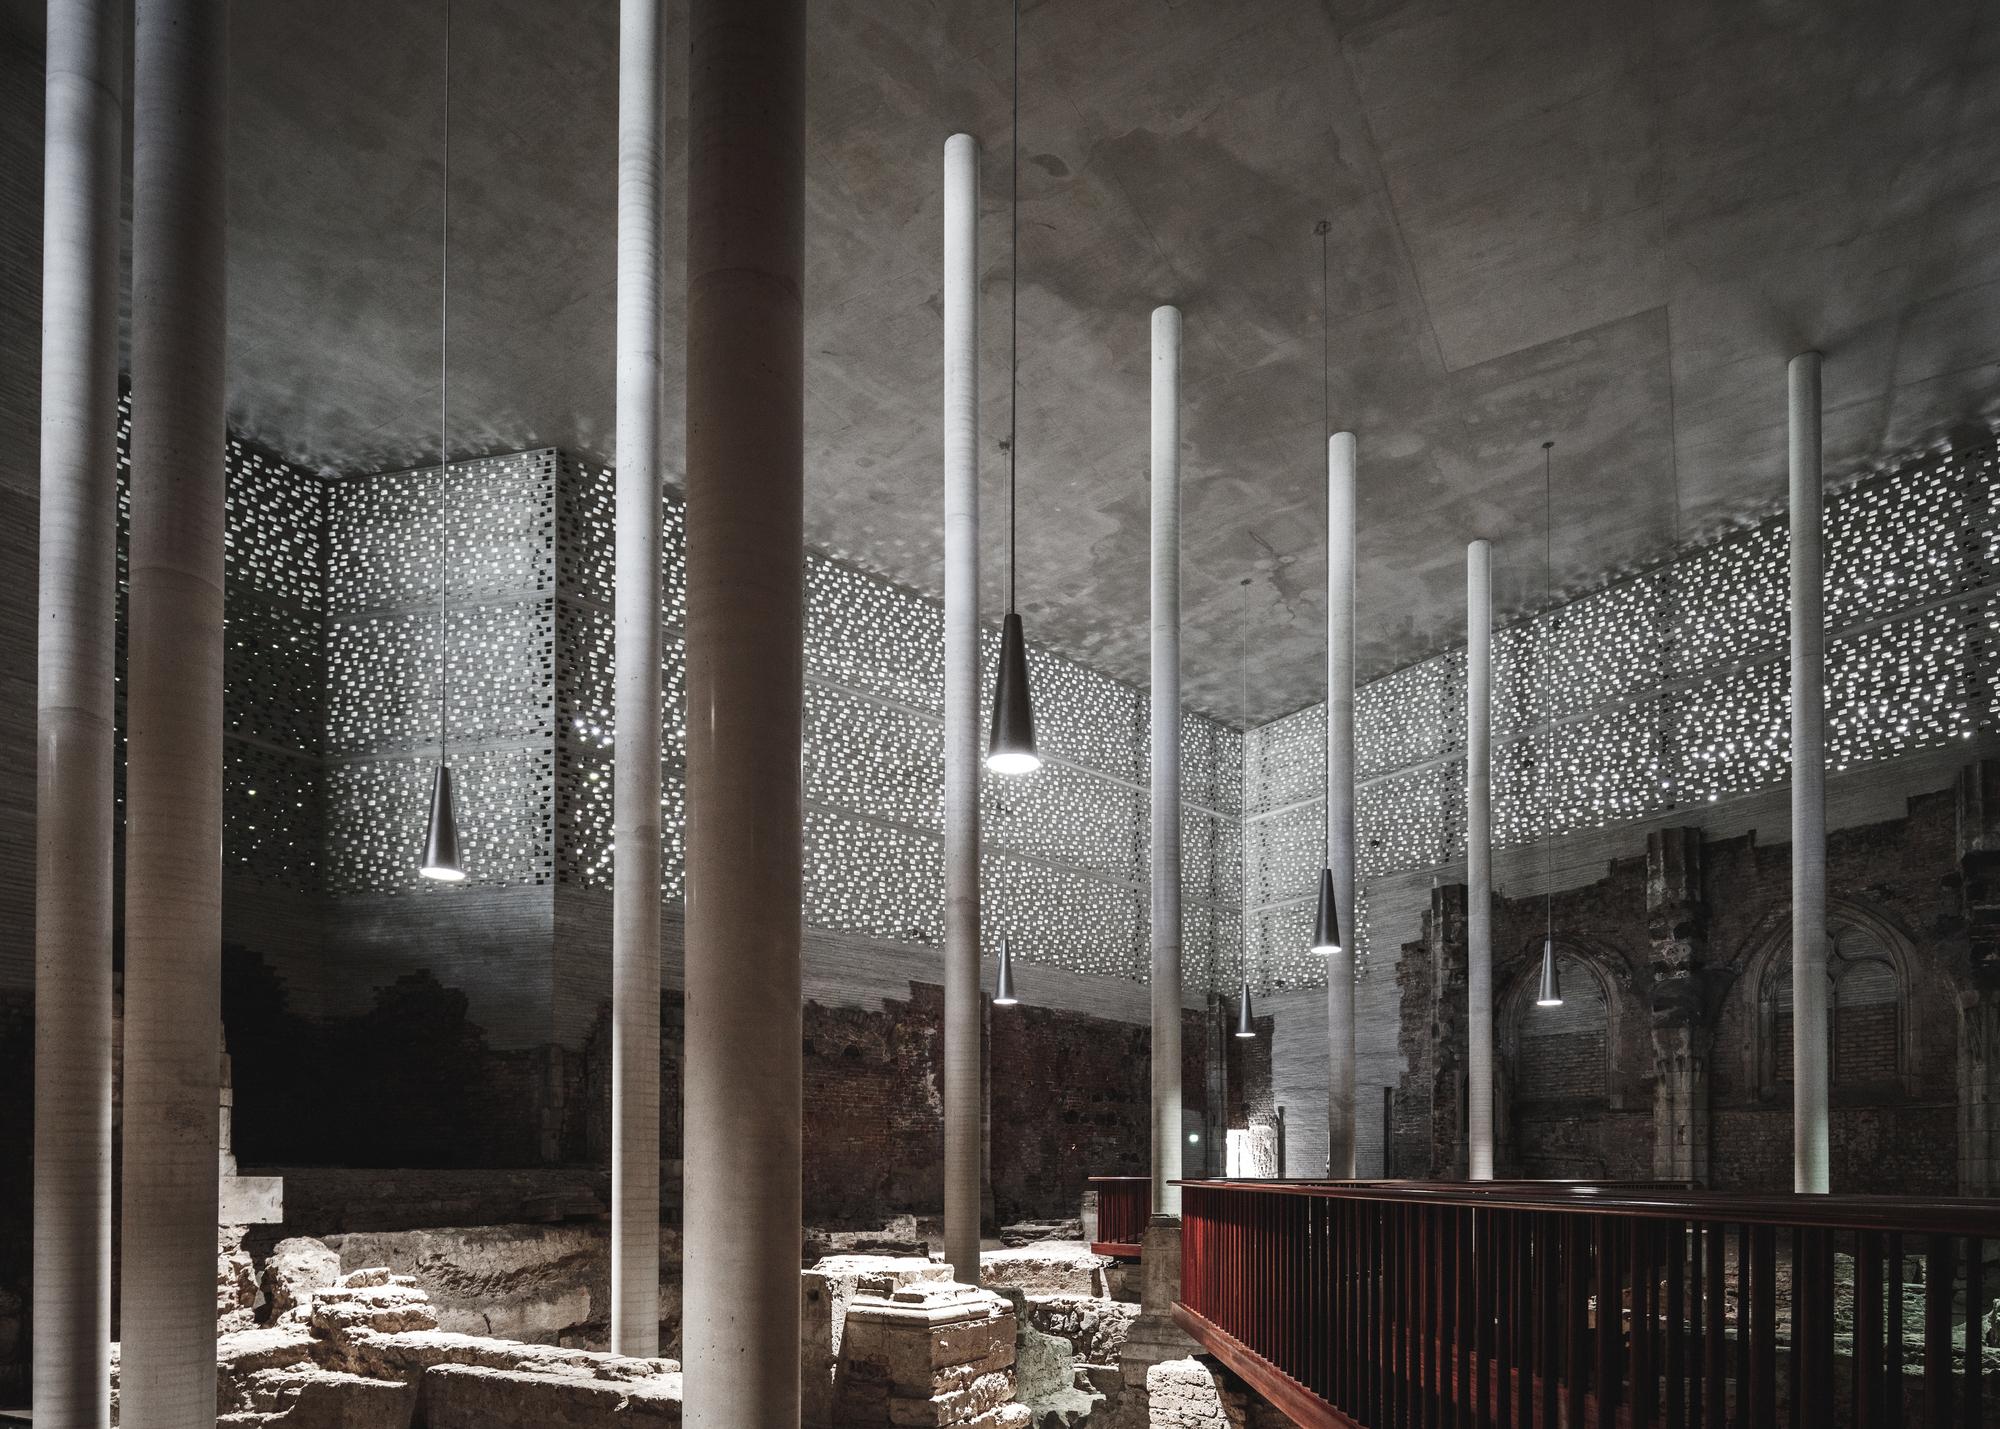 Peter Zumthor' Kolumba Museum Lens Rasmus Hjortsh - 22